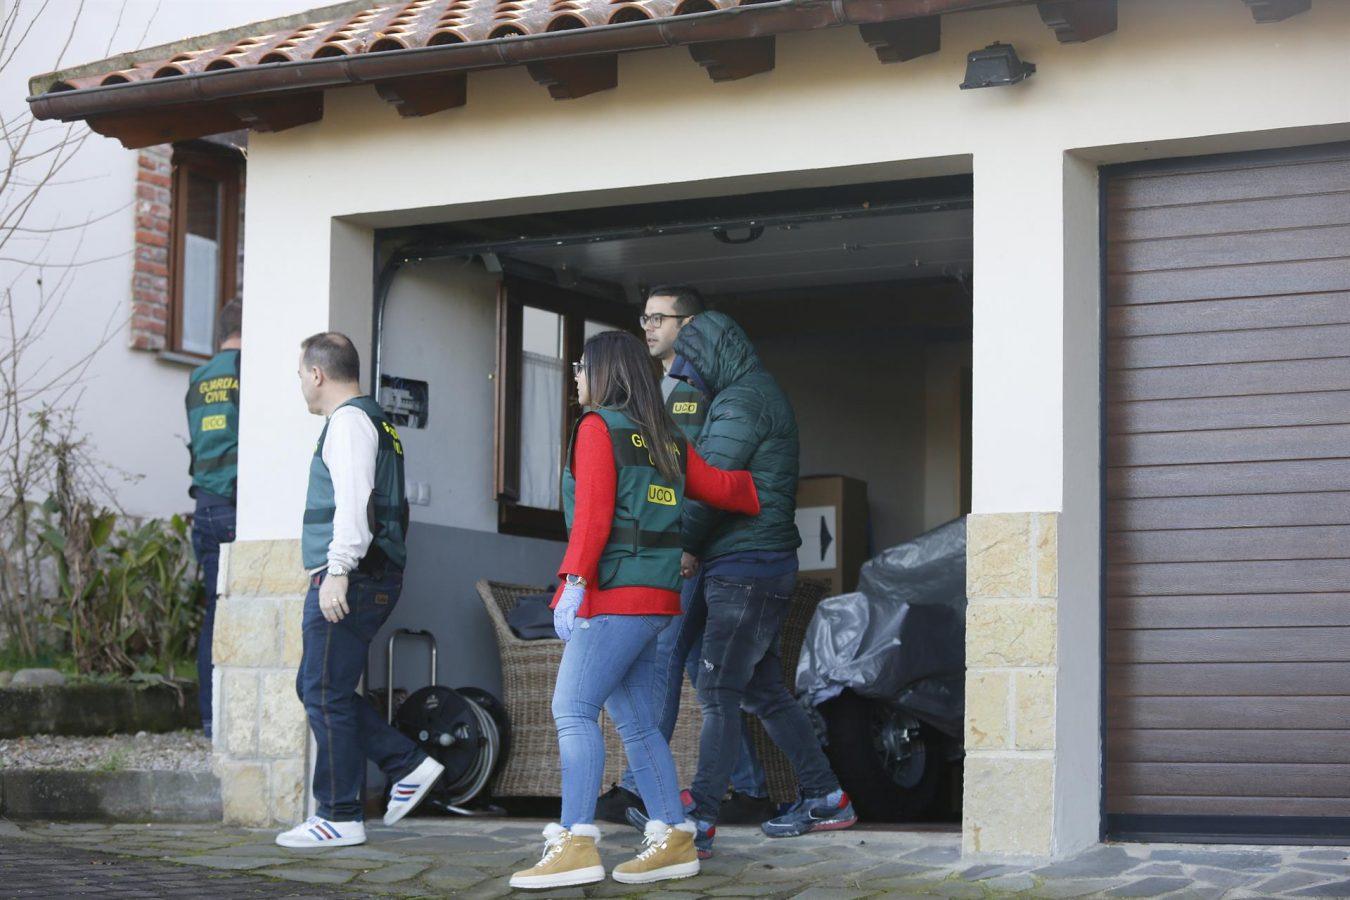 El Juzgado de Llanes que investiga el asesinato de Ardines recurre a Eurojust para conseguir la declaración del sicario detenido en Suiza